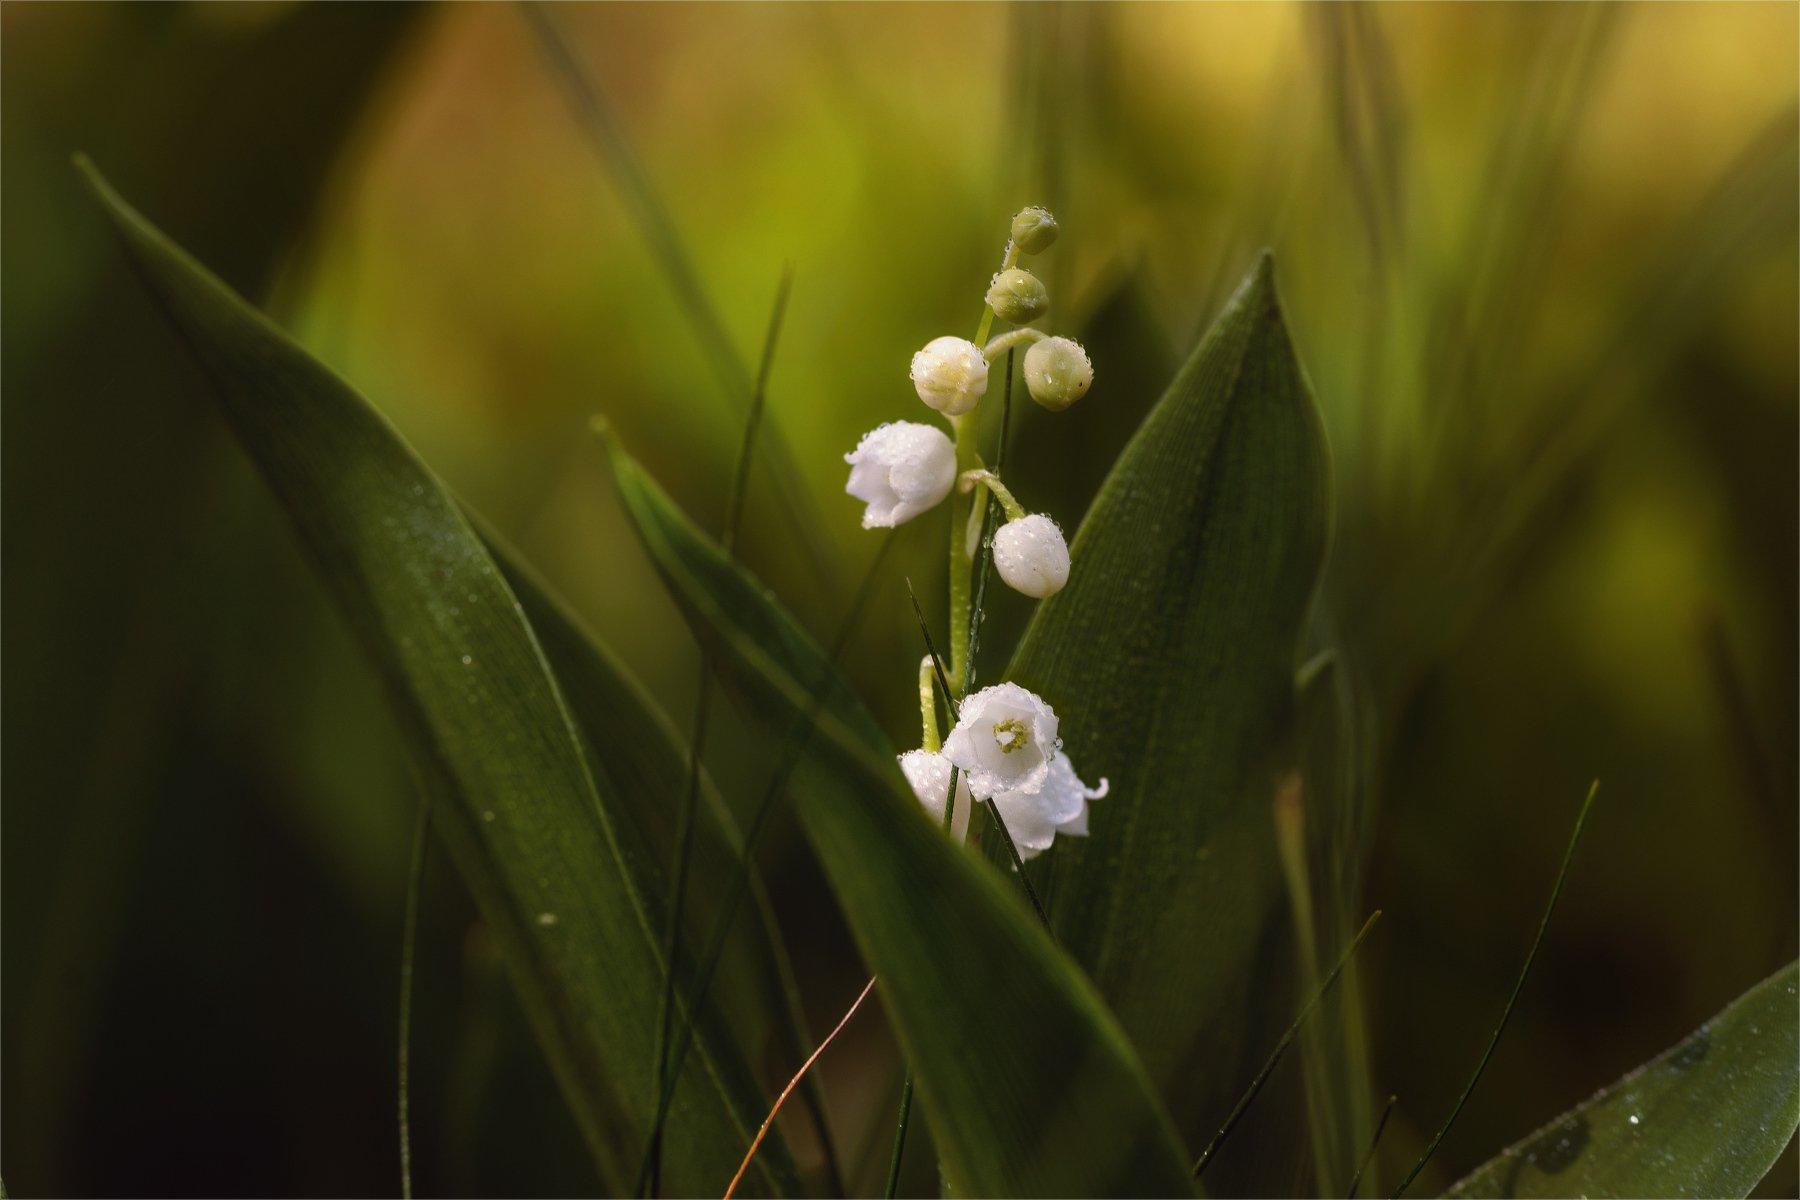 nature, природа,  растение, листья,, солнечный свет, цветы, цветок, макро, цвести,  весна, красота,полевые цветы, ландыши, аромат, Михаил MSH